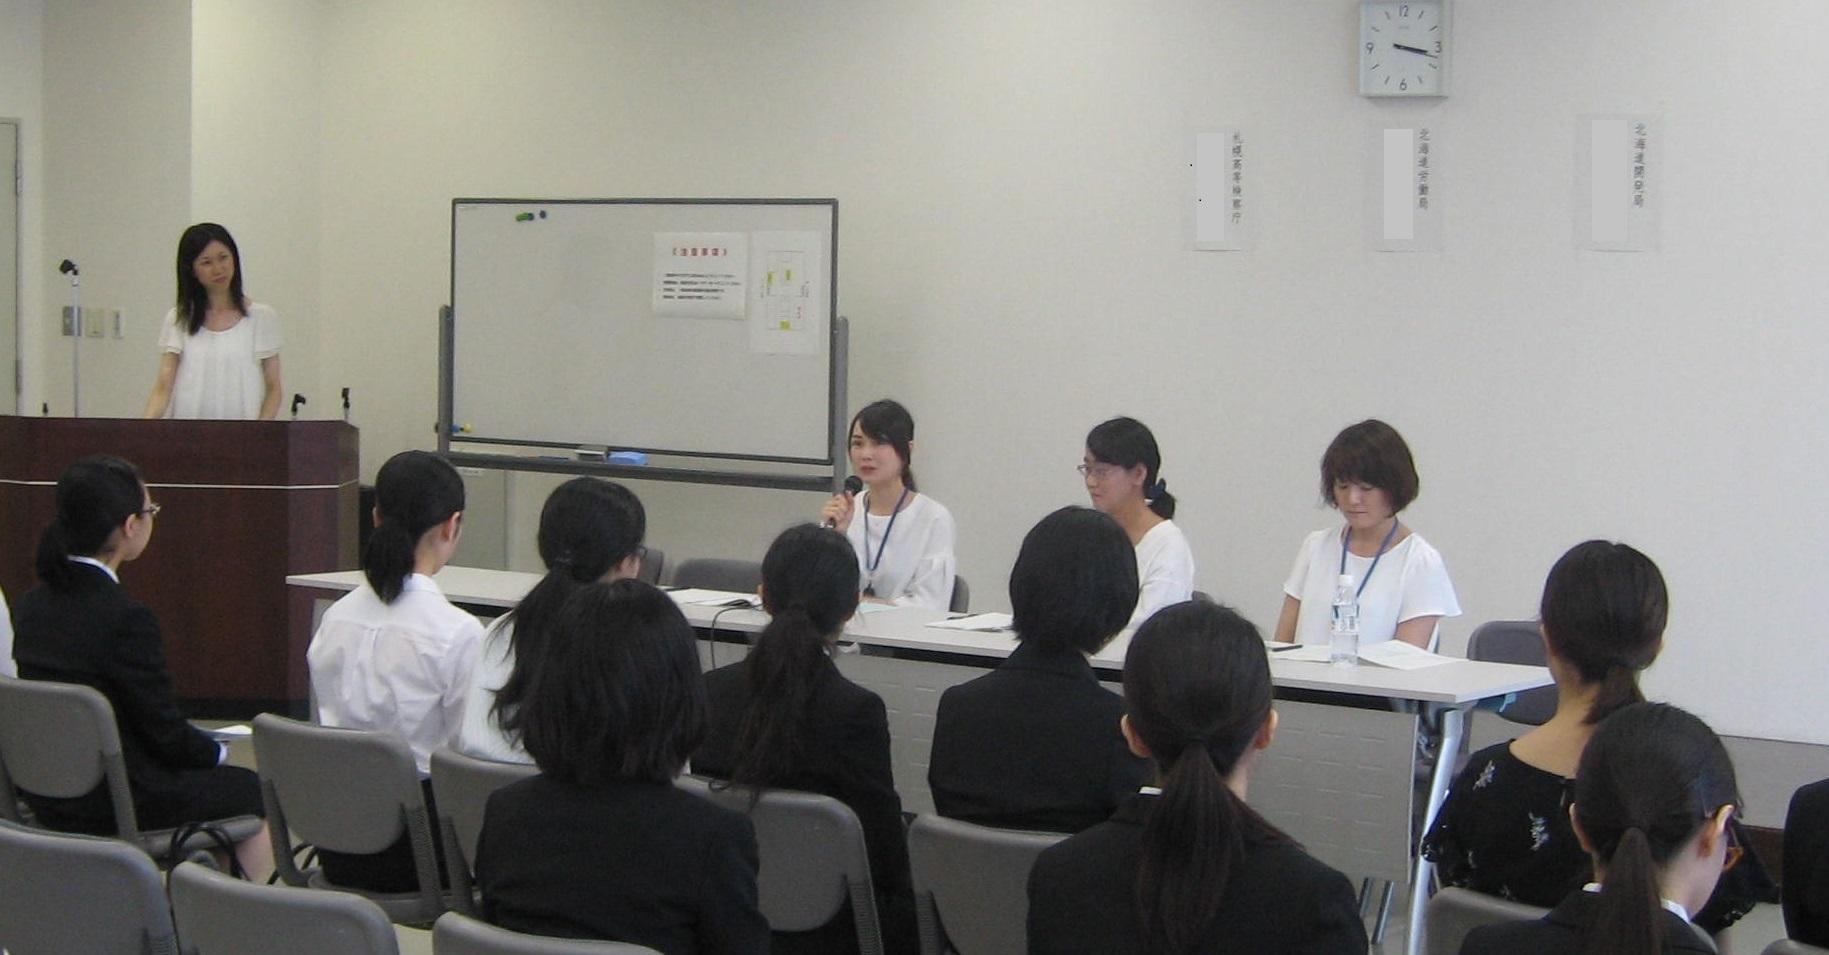 ในปีงบประมาณ 2563 พบว่าผู้หญิงญี่ปุ่นมีสัดส่วนตำแหน่งระดับผู้อำนวยการในตำแหน่งงานภาครัฐเพียง 5.9% เท่านั้น